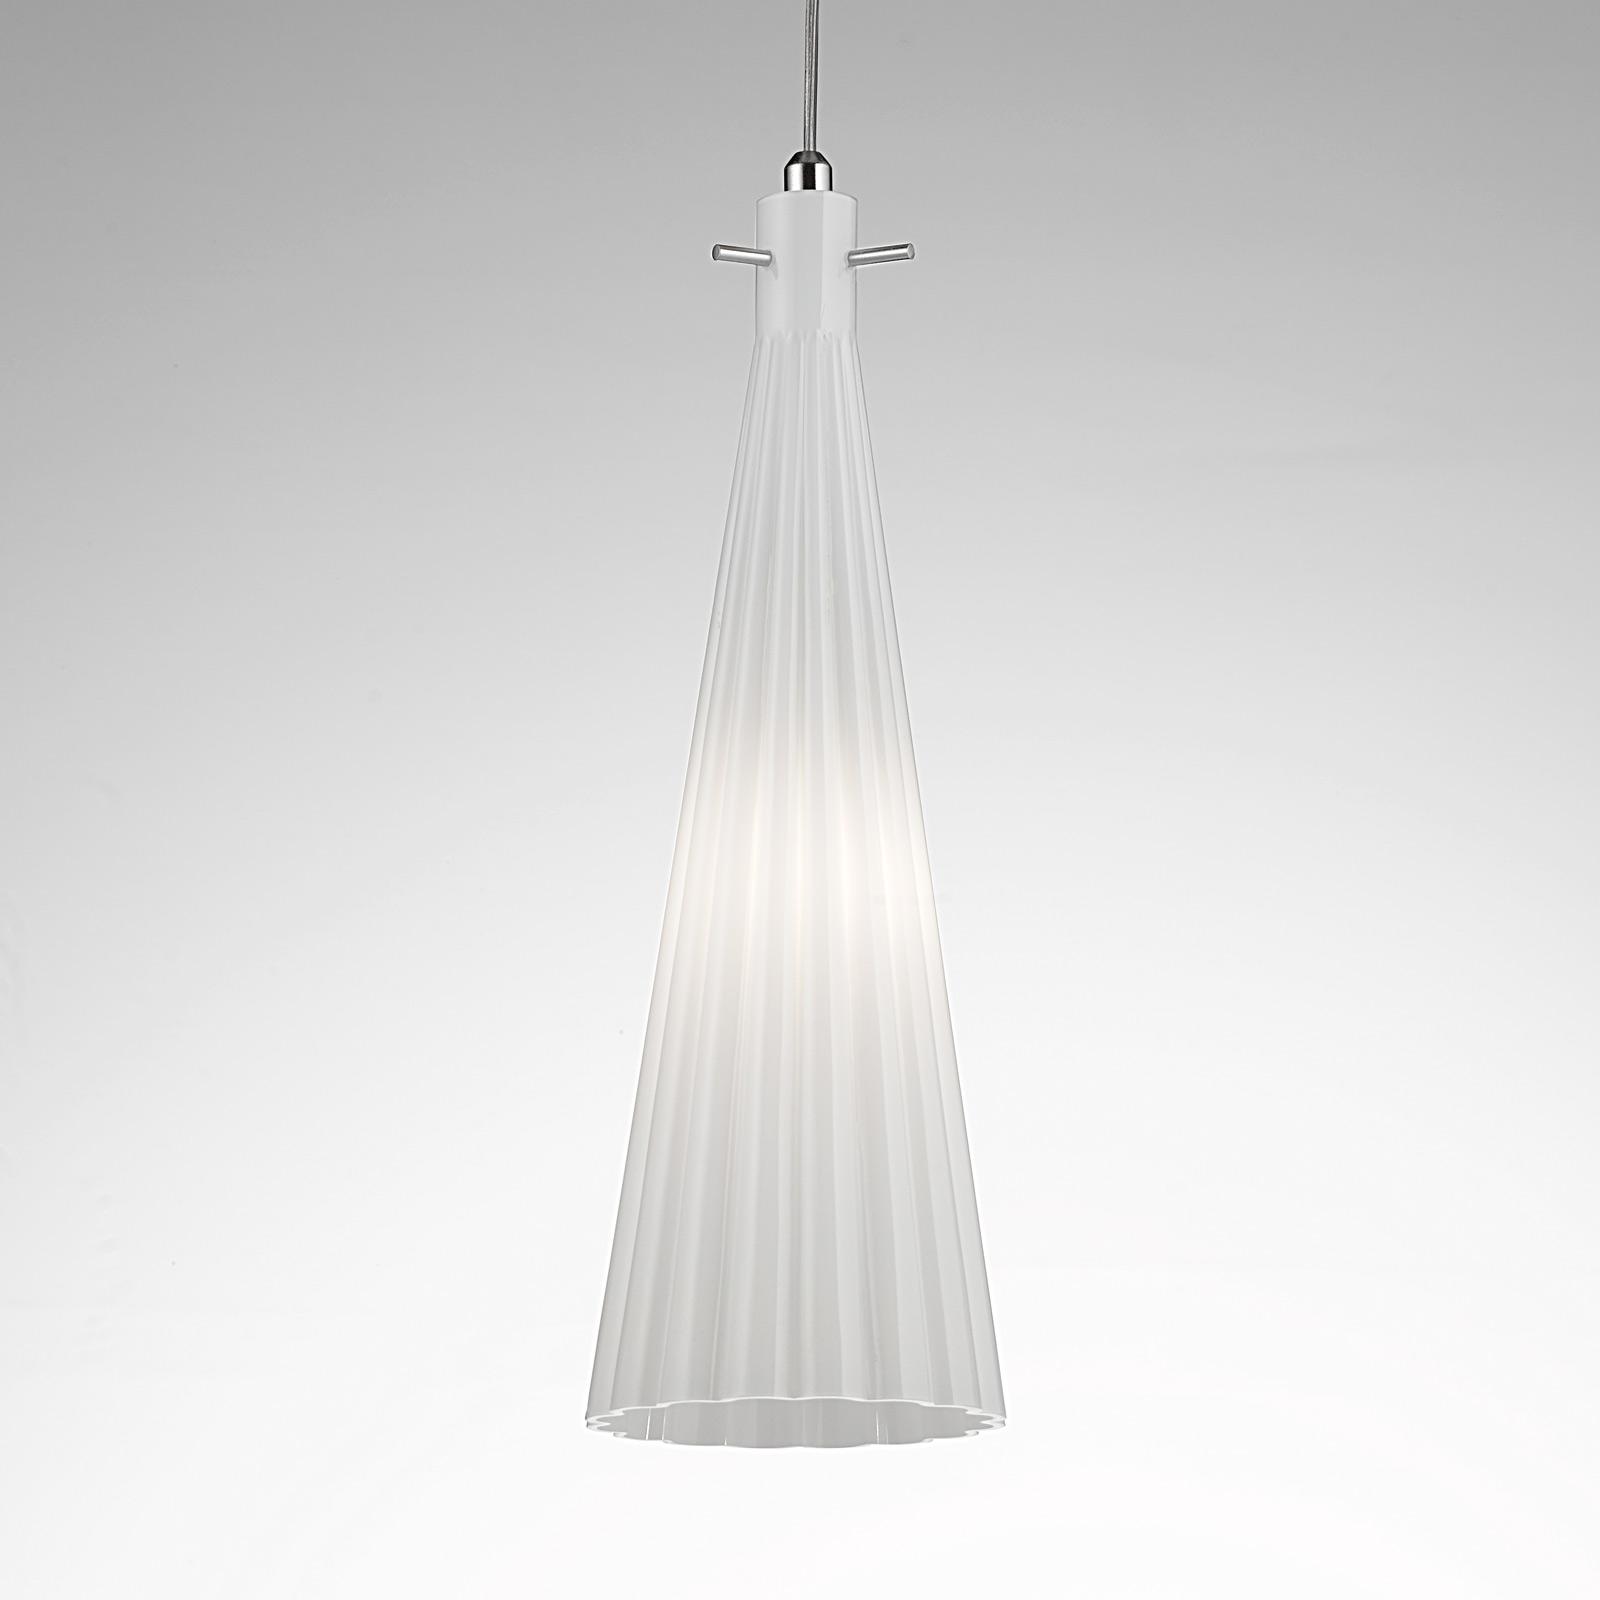 Lampa wisząca Costa Rica ze szkła, biała